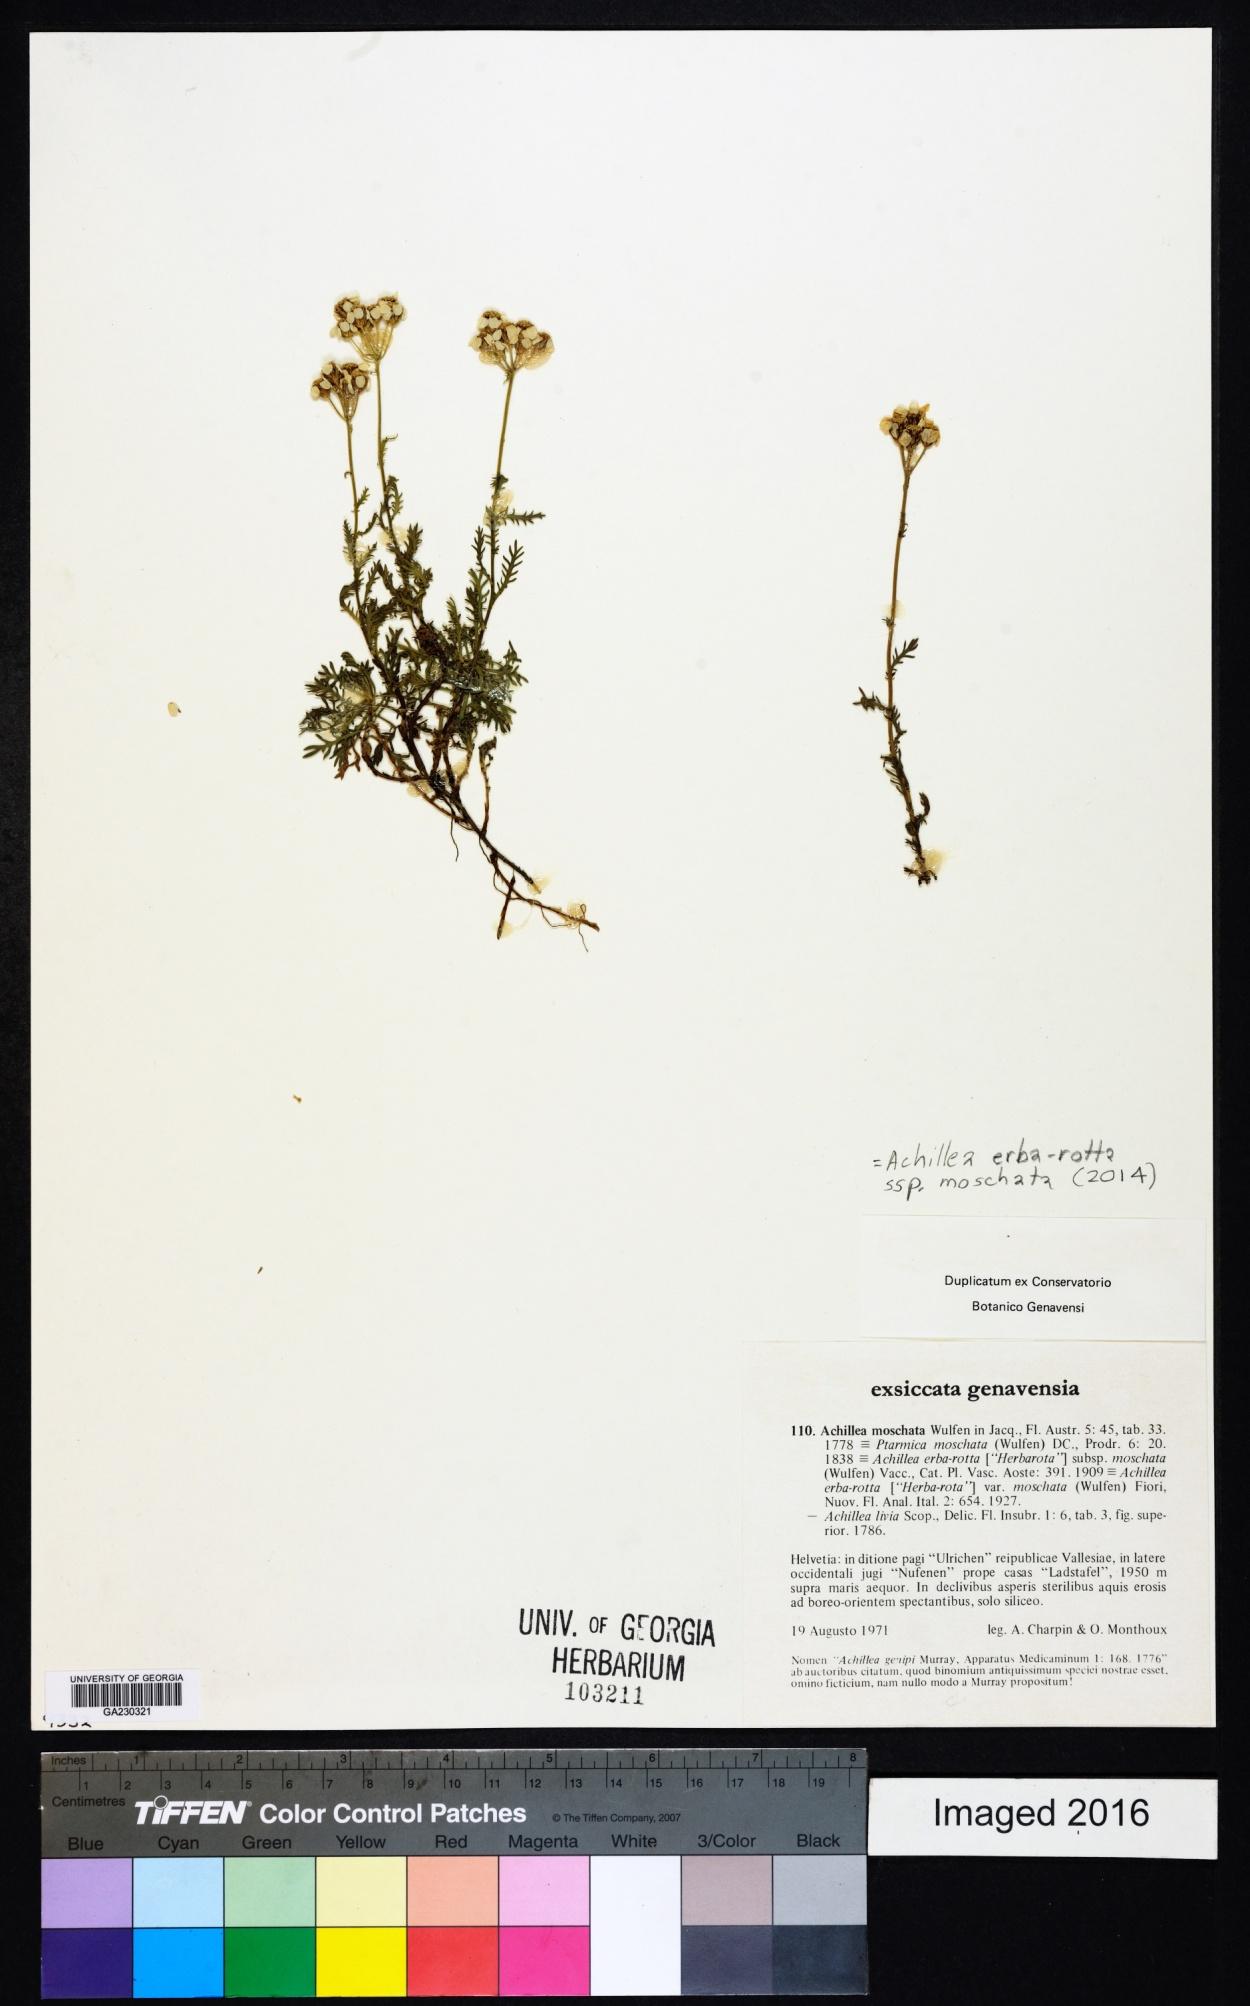 Achillea erba-rotta image